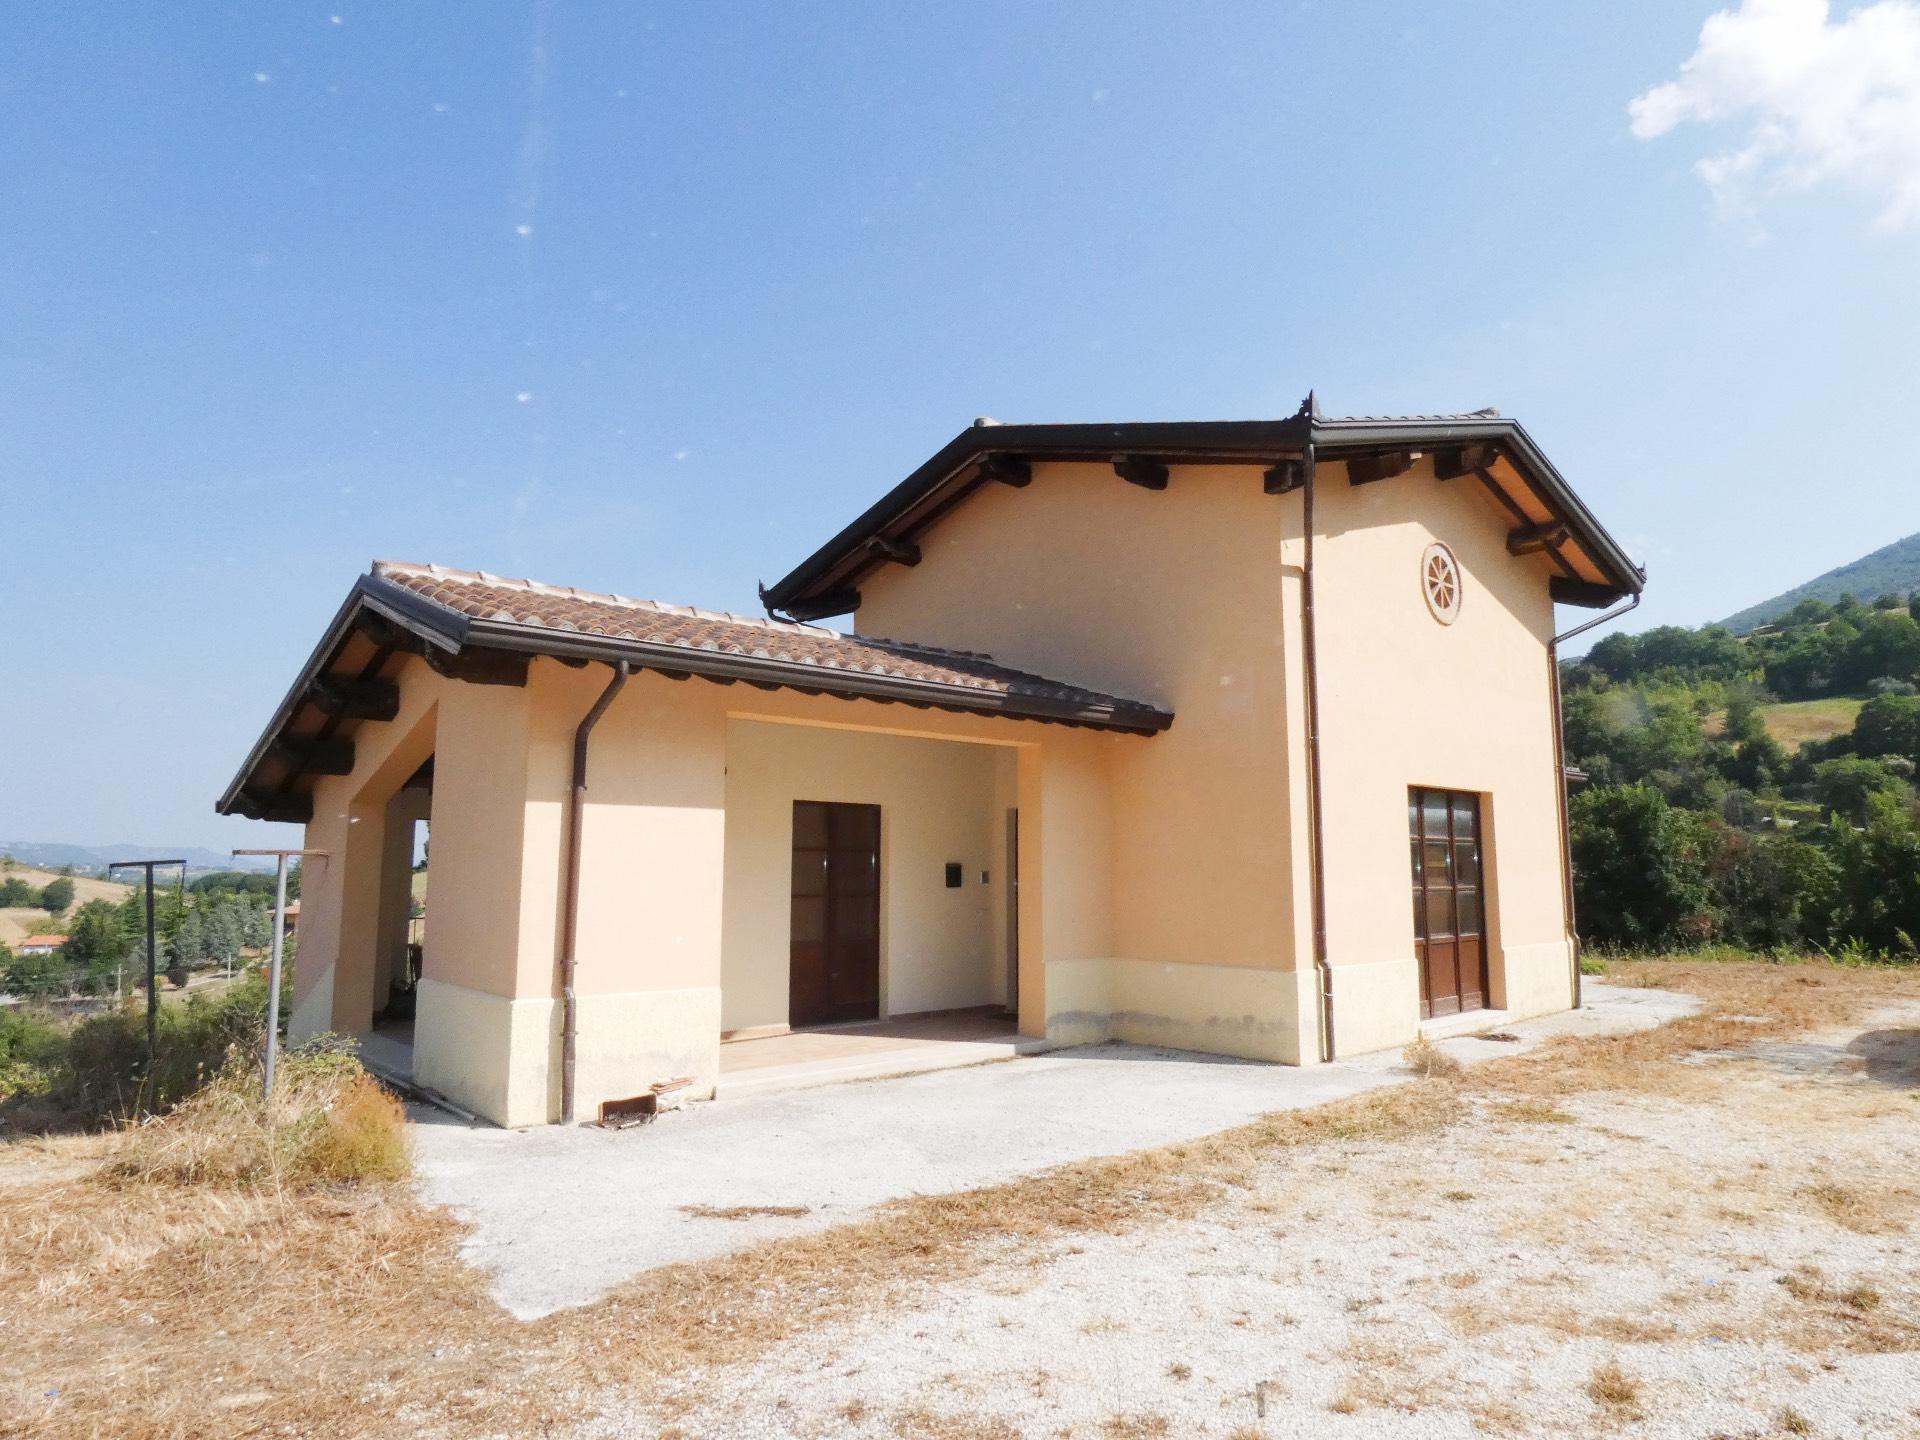 Villa in vendita a Nocera Umbra, 12 locali, prezzo € 230.000   CambioCasa.it